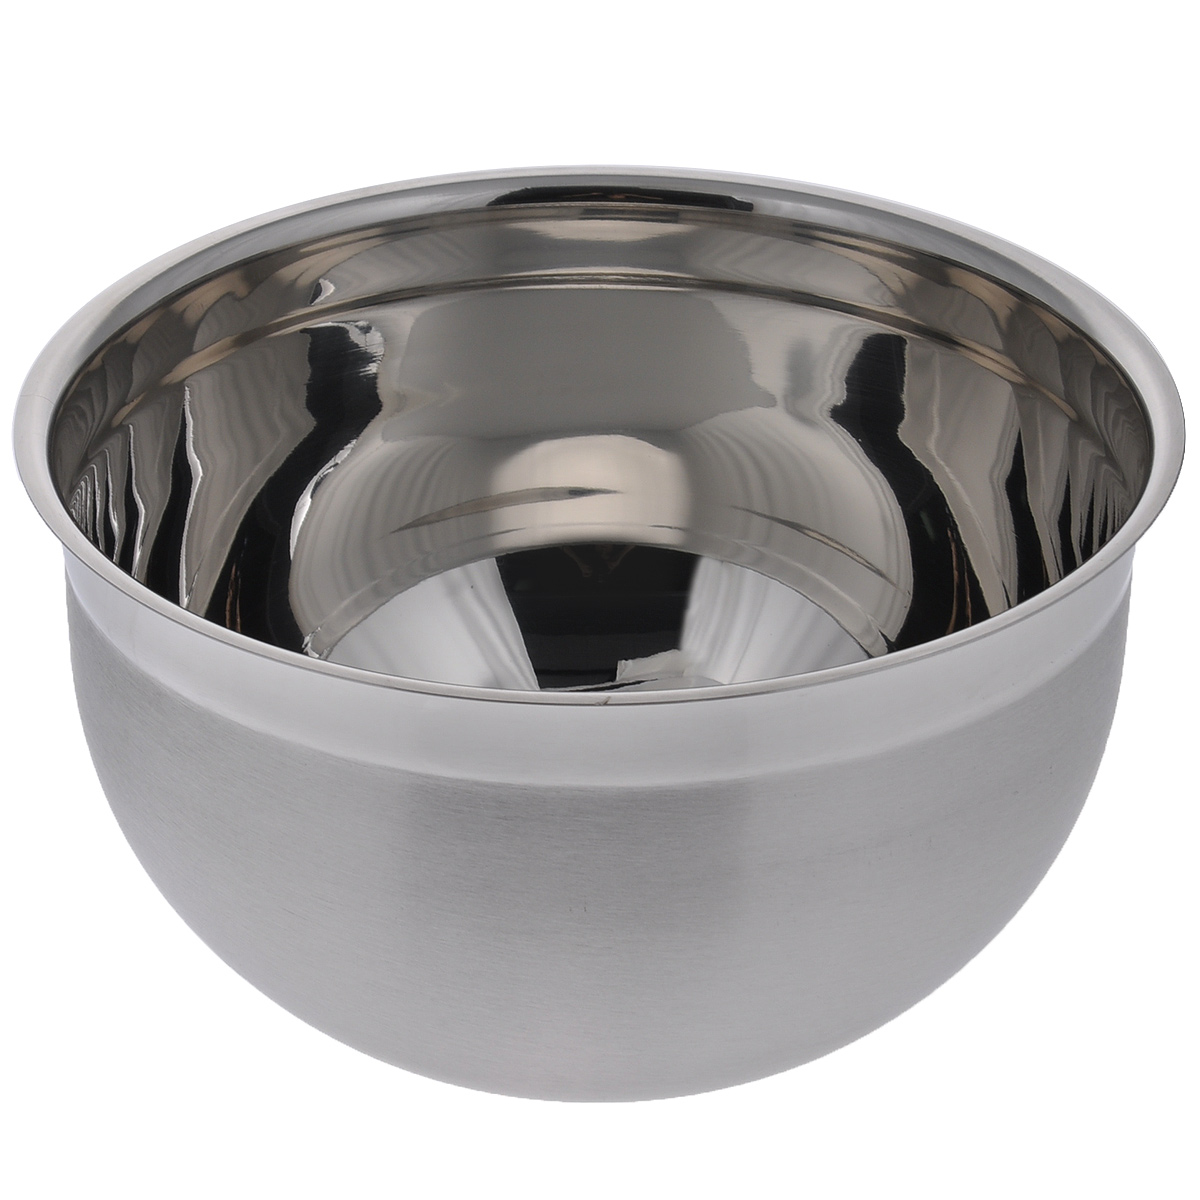 Миска Tescoma Delicia, диаметр 24 см630392Миска Tescoma Delicia, изготовленная из высококачественной нержавеющей стали, просто незаменимая вещь на кухне любой современной хозяйки. С ней приготовление и употребление пищи переходит на качественно новый уровень. Вы сможете использовать ее для замешивания теста, приготовления салата, мытья овощей и многих других кулинарных операций.Можно мыть в посудомоечной машине.